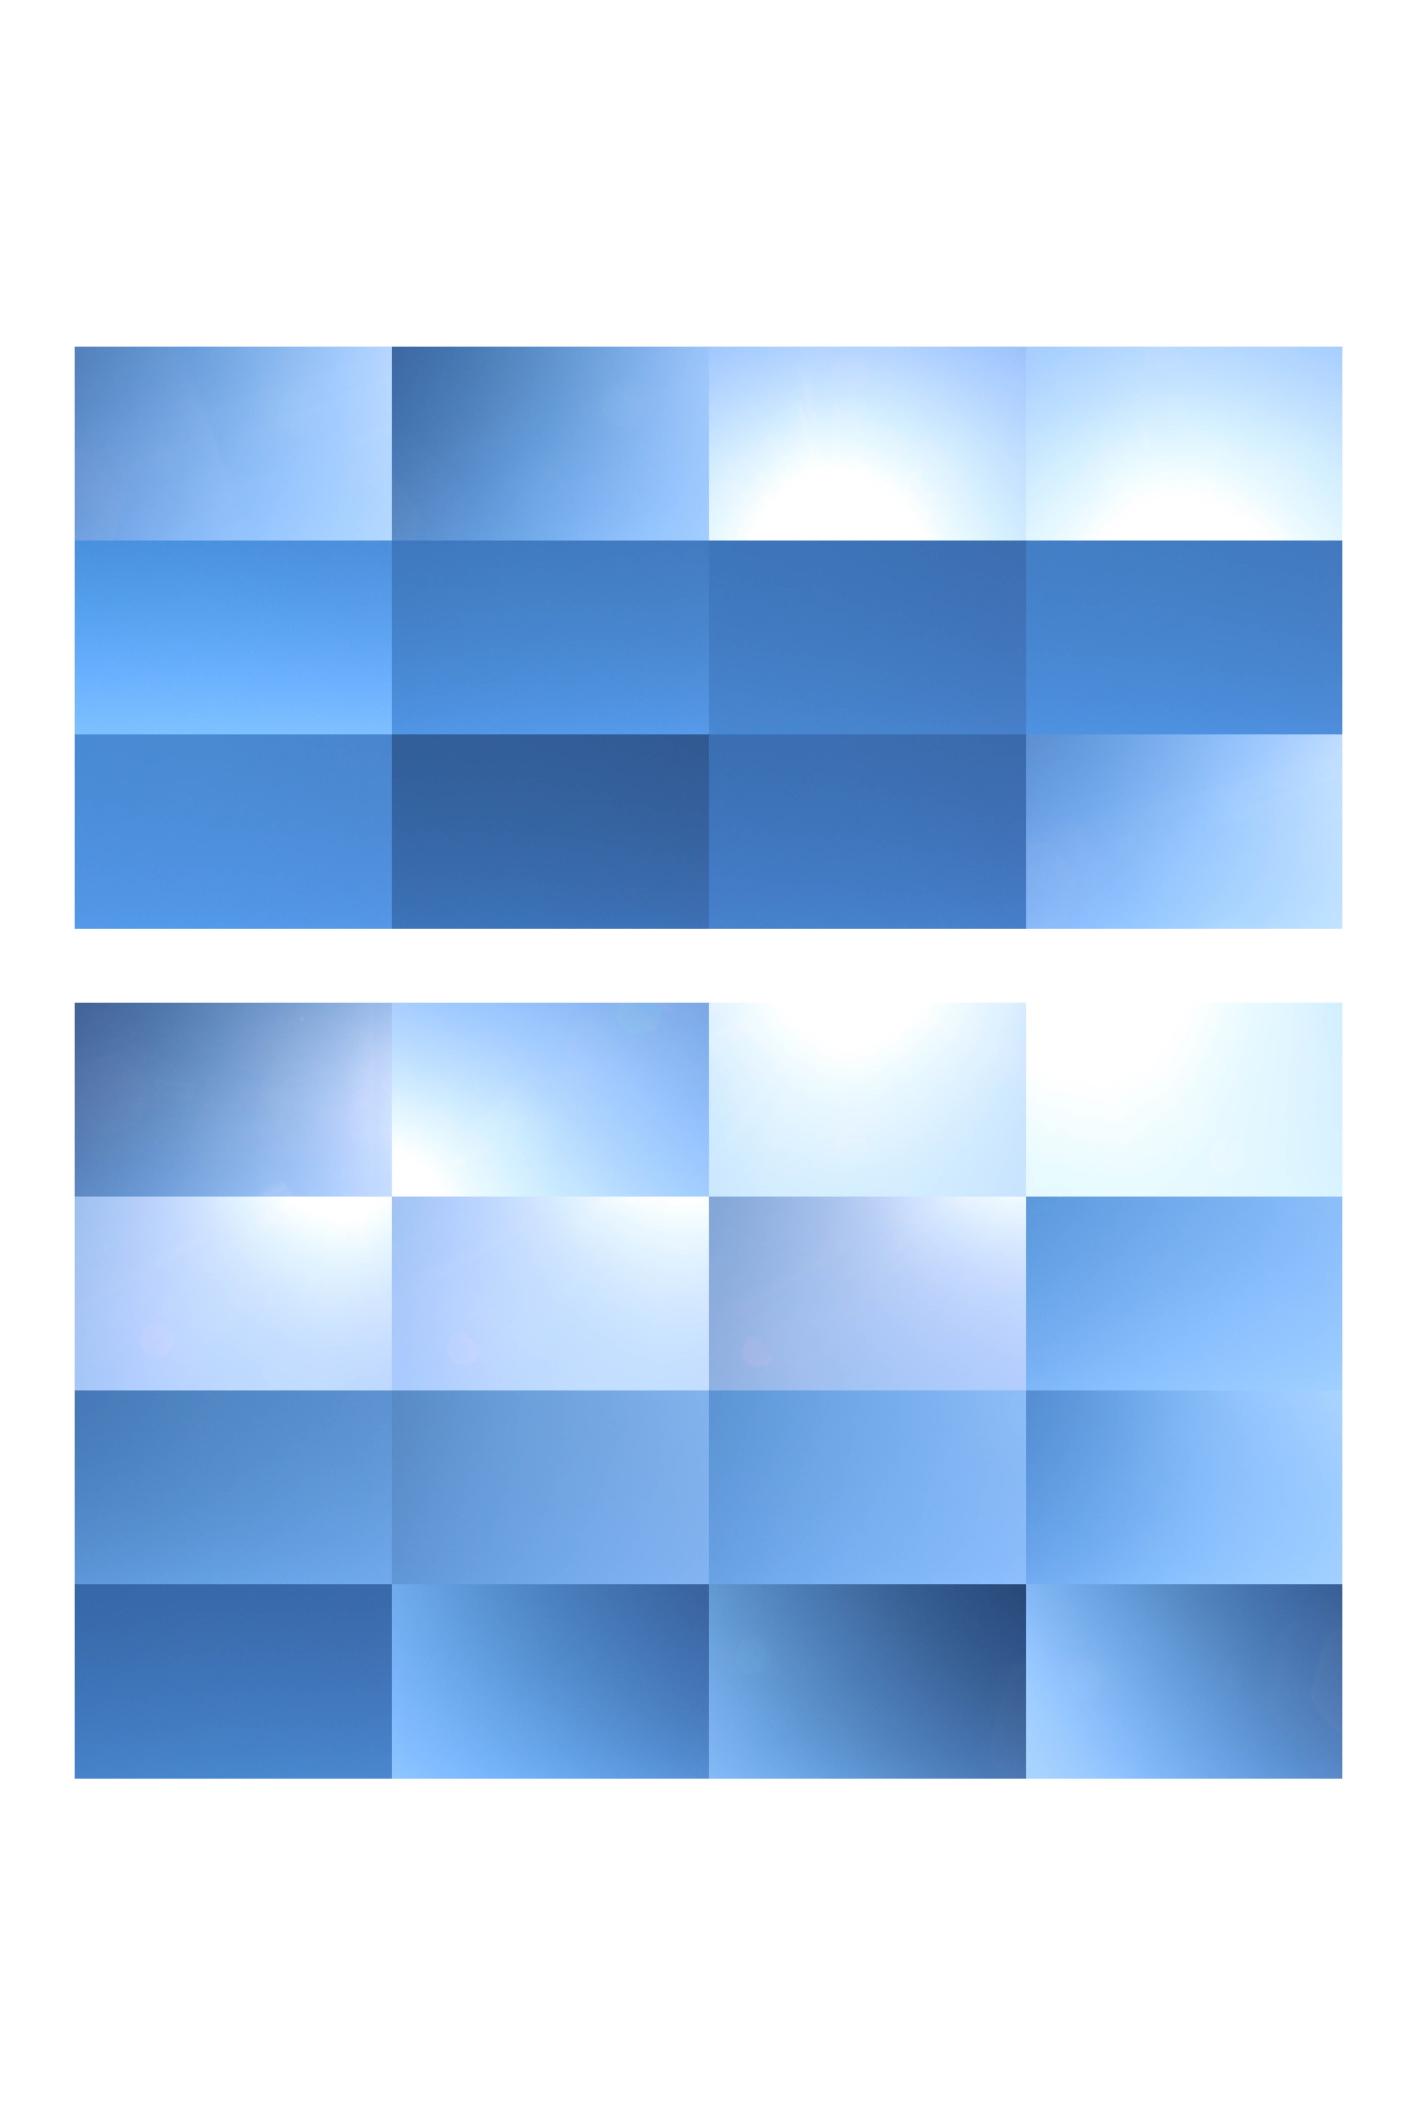 Markus Feiler - SKY BLUE 7_Künstler_artist_Kunst_art